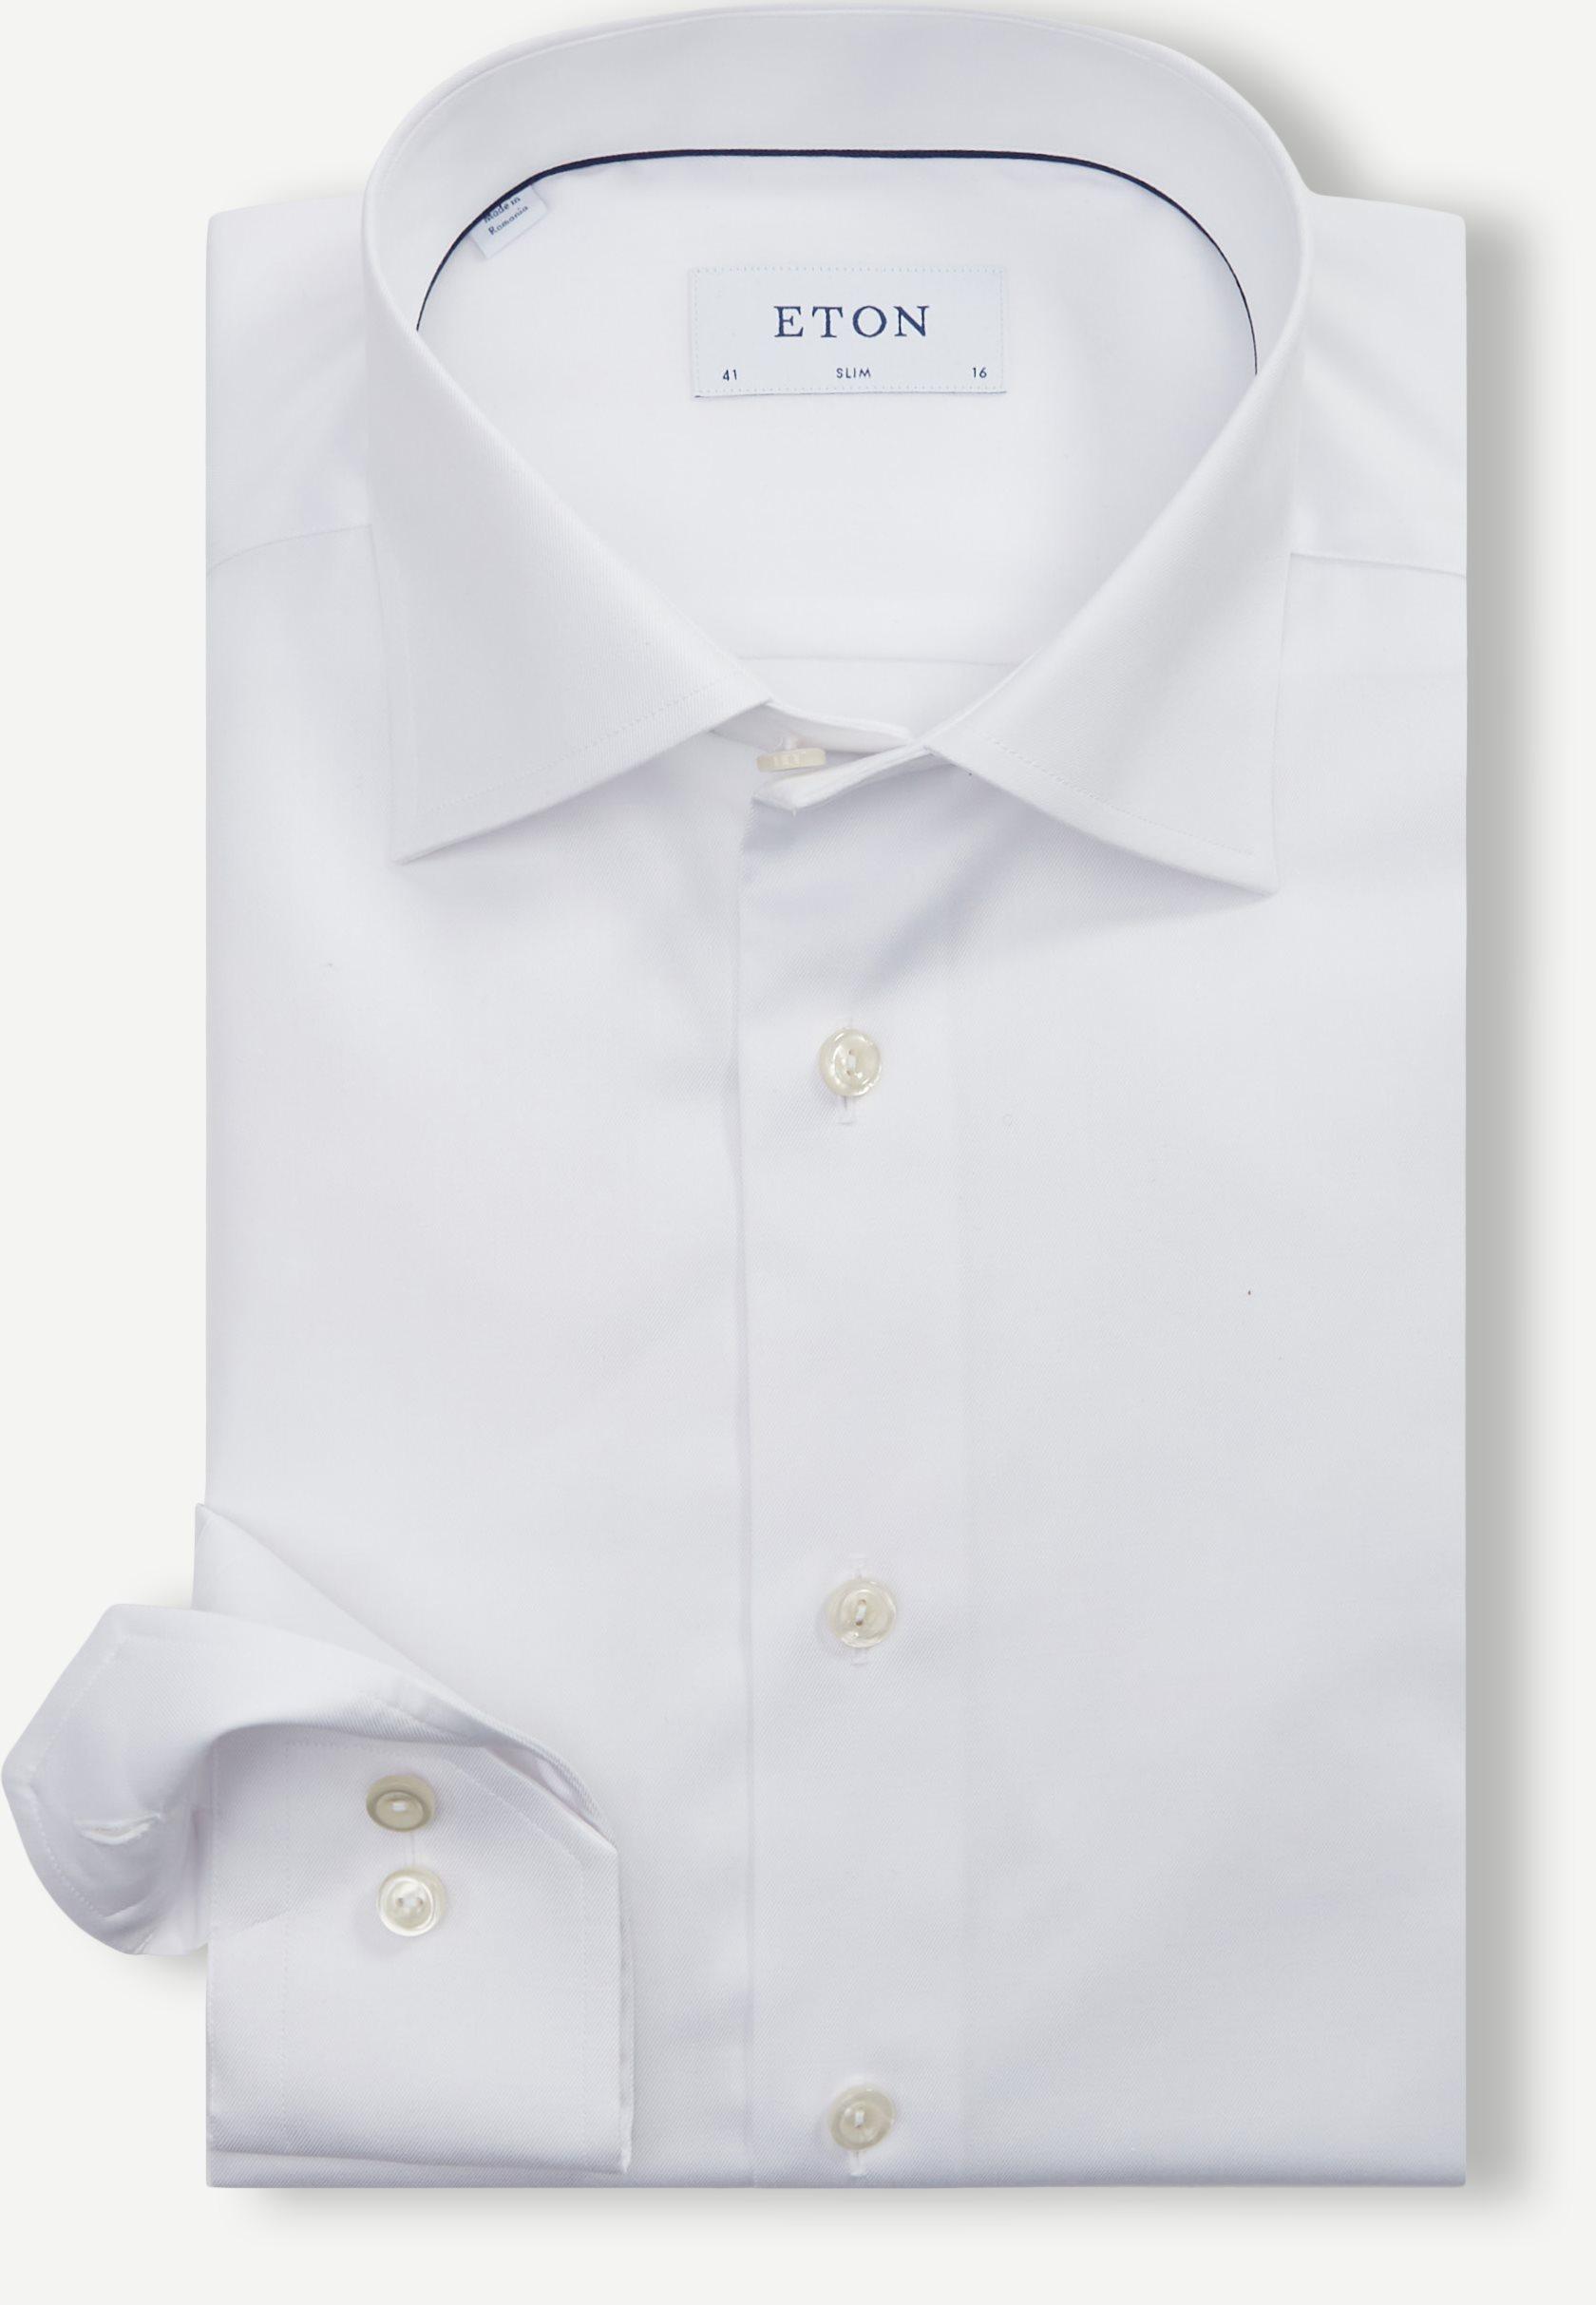 Hemden - Slim fit - Weiß